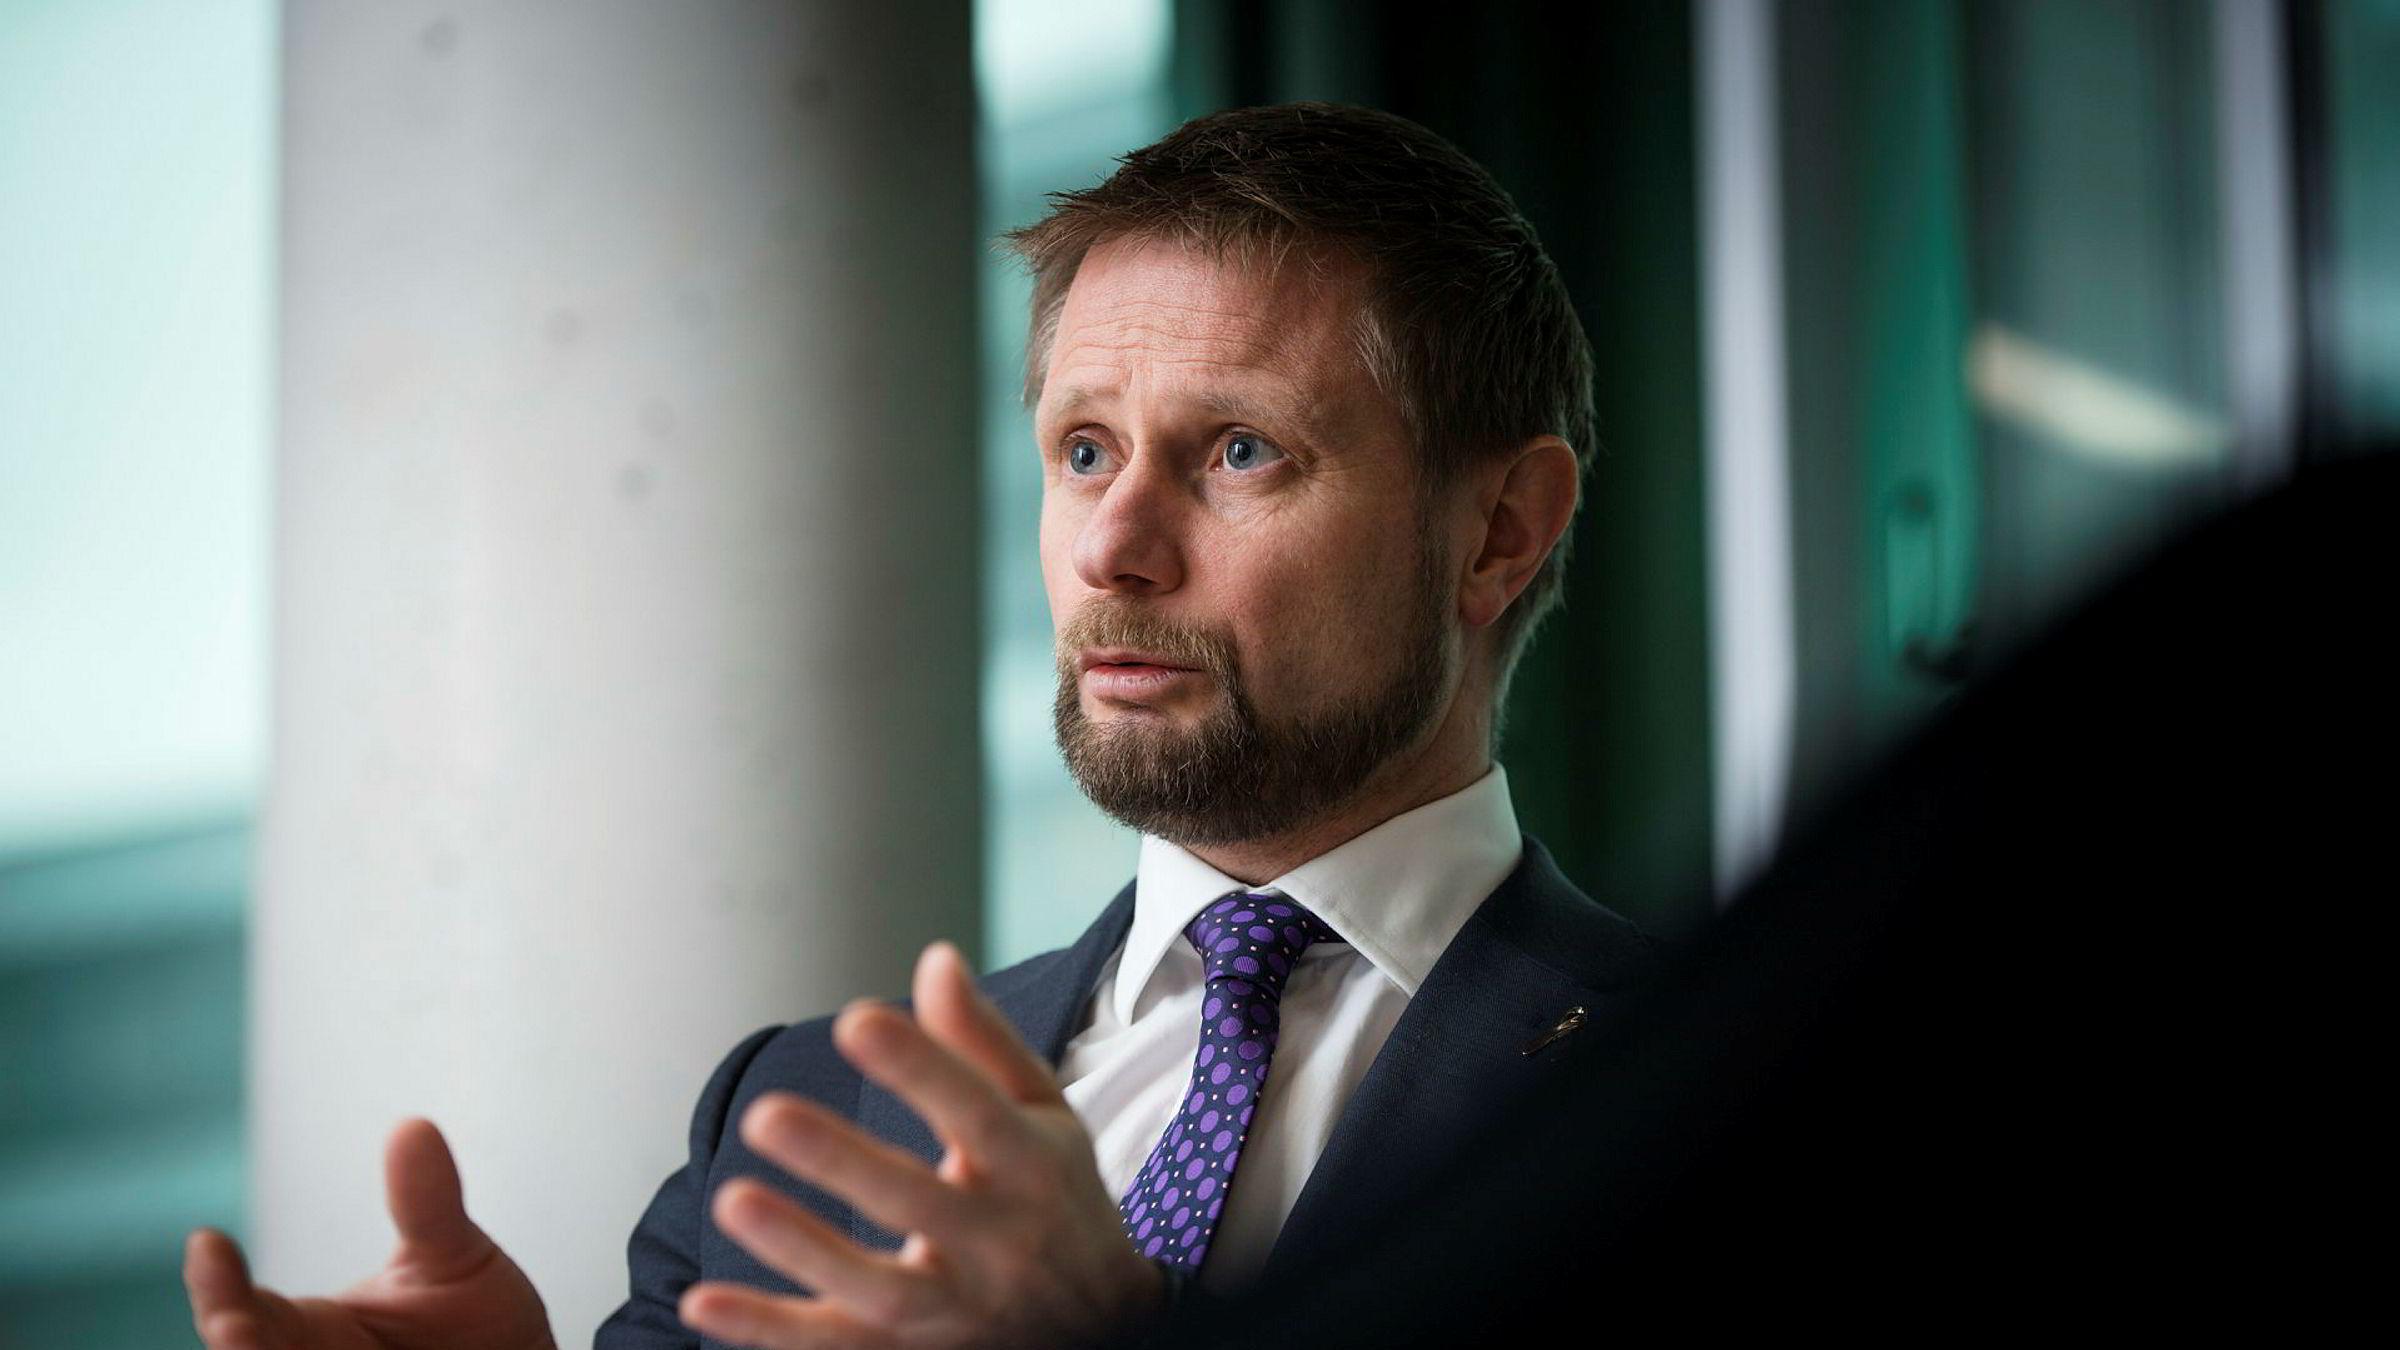 Helseminister Bent Høie (H) gjør det helt klart at det ikke eksisterer noe påbud om at frisører må tilby hårvask og at det heller ikke vil komme noe påbud om det.